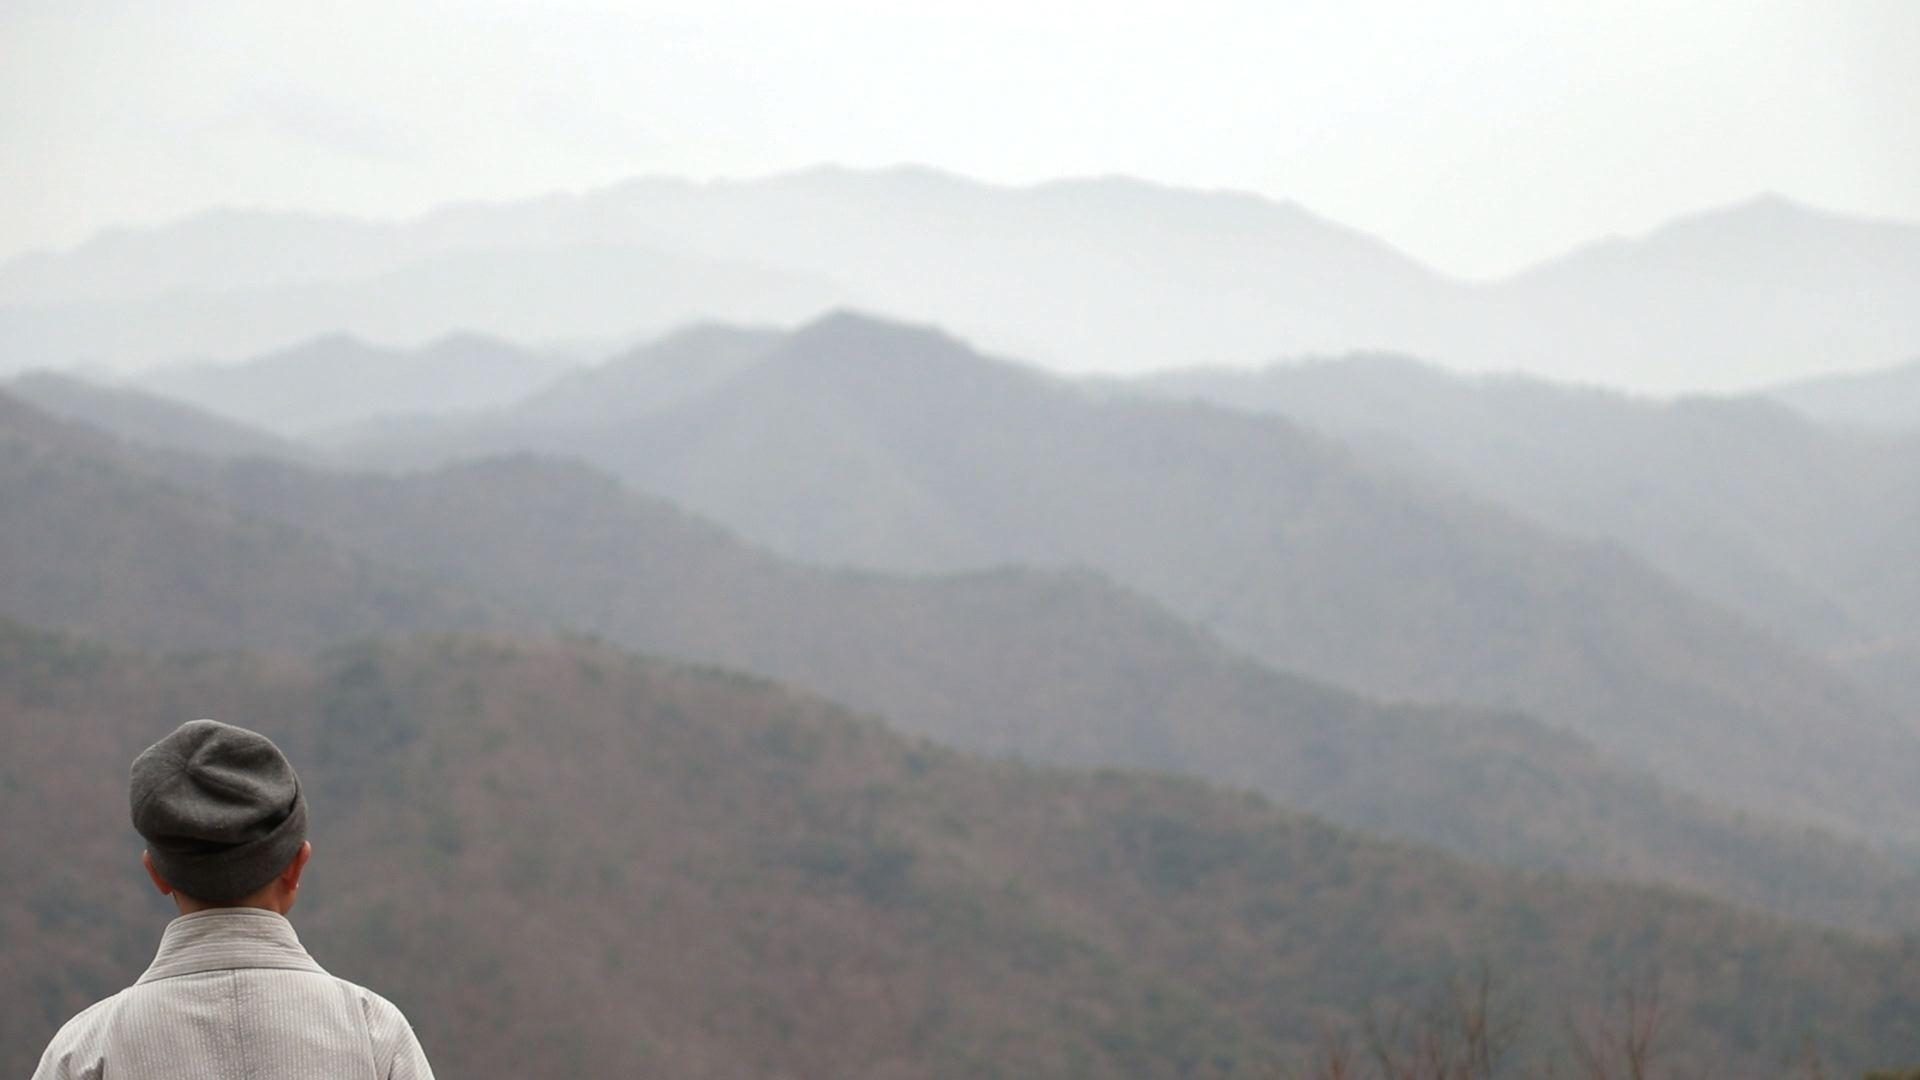 한국기행 [그 겨울의 산사-2부. 단순하게 소박하게]